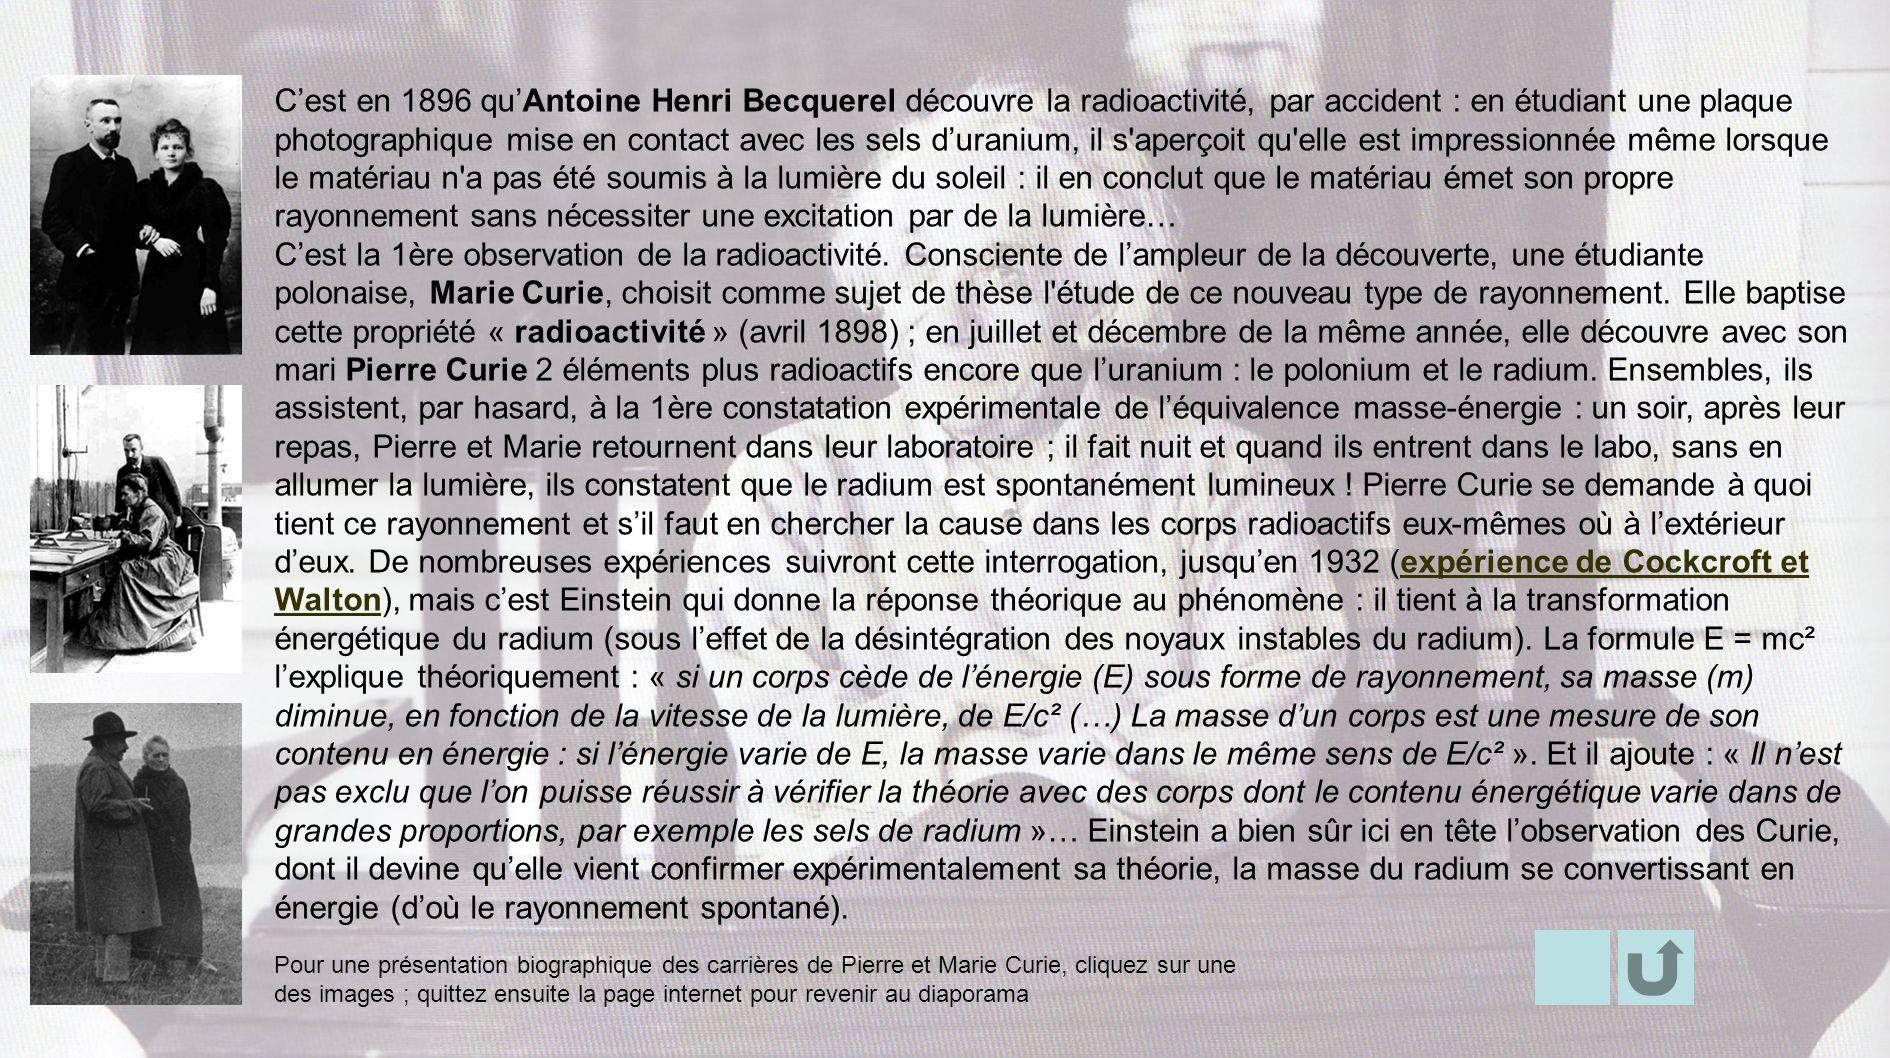 Cest en 1896 quAntoine Henri Becquerel découvre la radioactivité, par accident : en étudiant une plaque photographique mise en contact avec les sels d